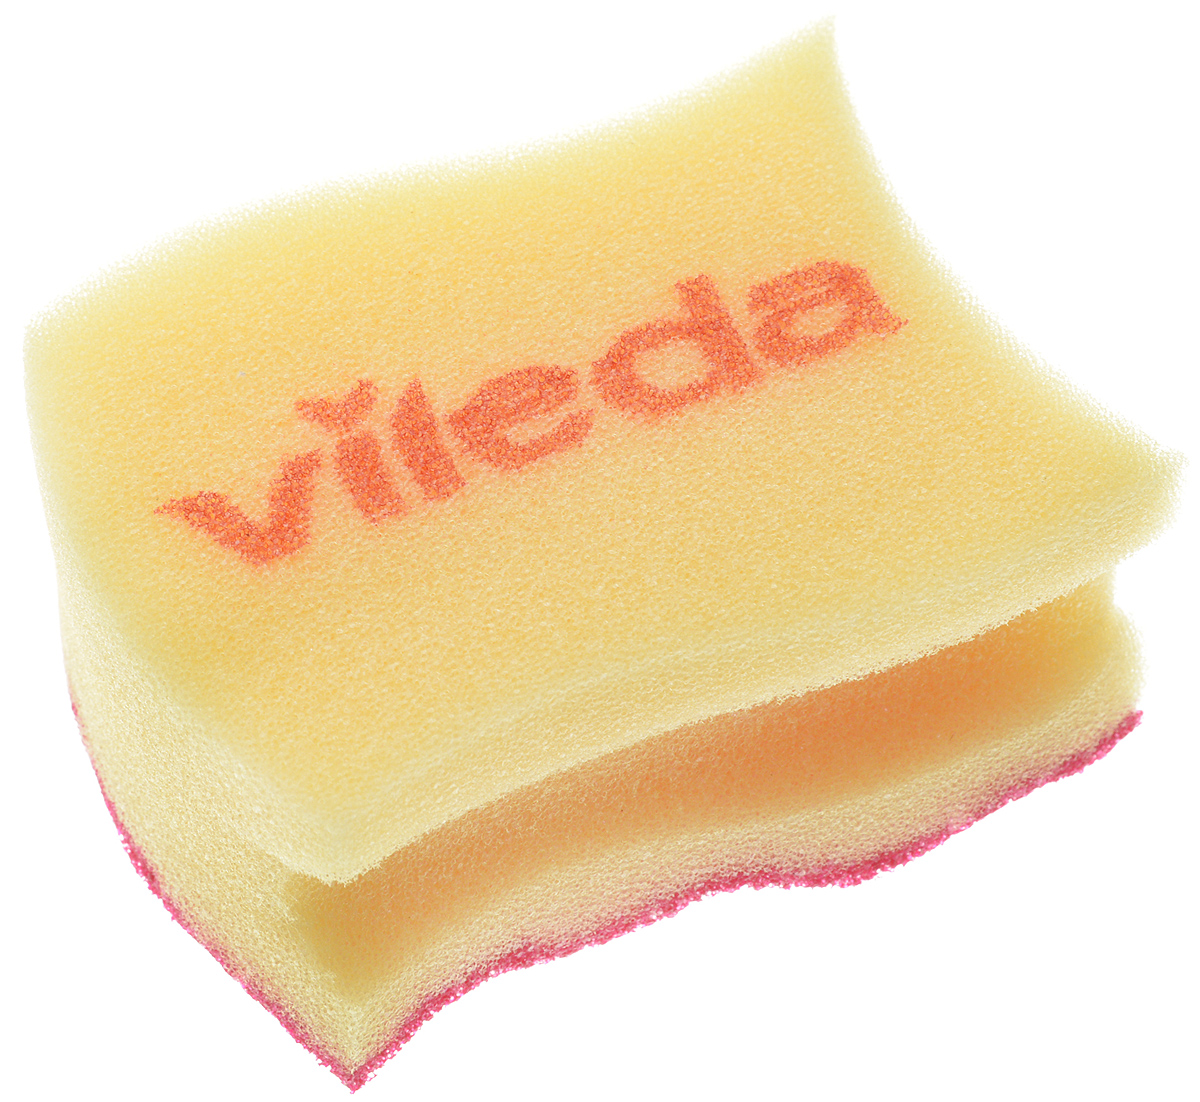 Губка для мытья посуды Vileda Pure Colors, цвет: желтый, бордовый, 9,5 х 6,2 х 4,7 см529037_желтый, бордовыйГубка для мытья посуды Vileda Pure Colors предназначена для очистки деликатных поверхностей. Удаляет даже трудные загрязнения, не царапая поверхность. Удобна в использовании за счет специальных пазов для пальцев. Губка с ярким дизайном станет украшением любой кухни и порадует хозяйку.Размер губки: 9,5 х 6,2 х 4,7 см.